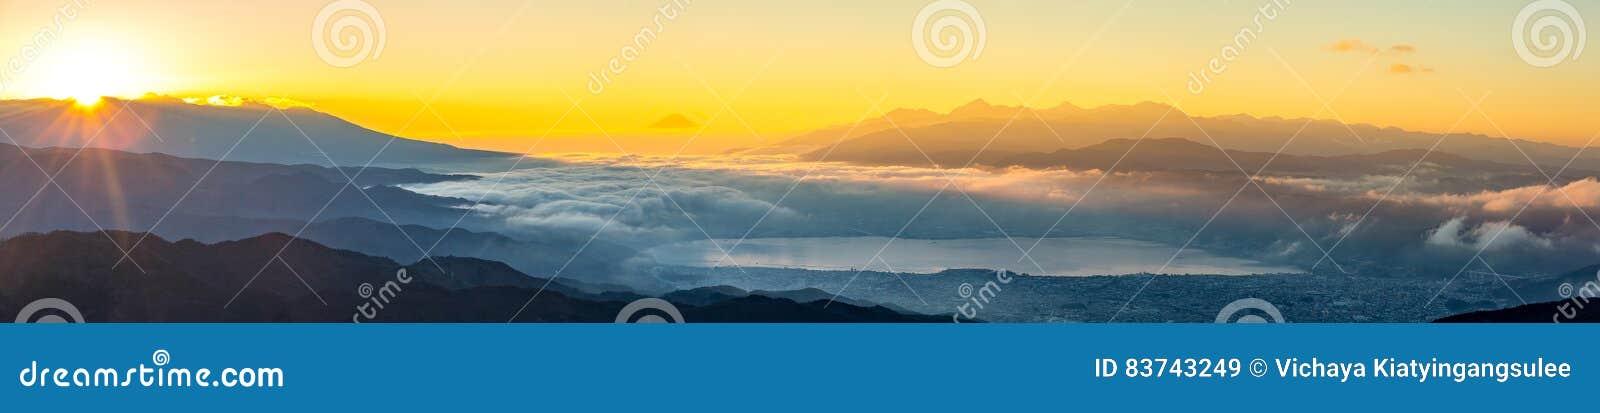 Zet Fuji-zonsopgang op